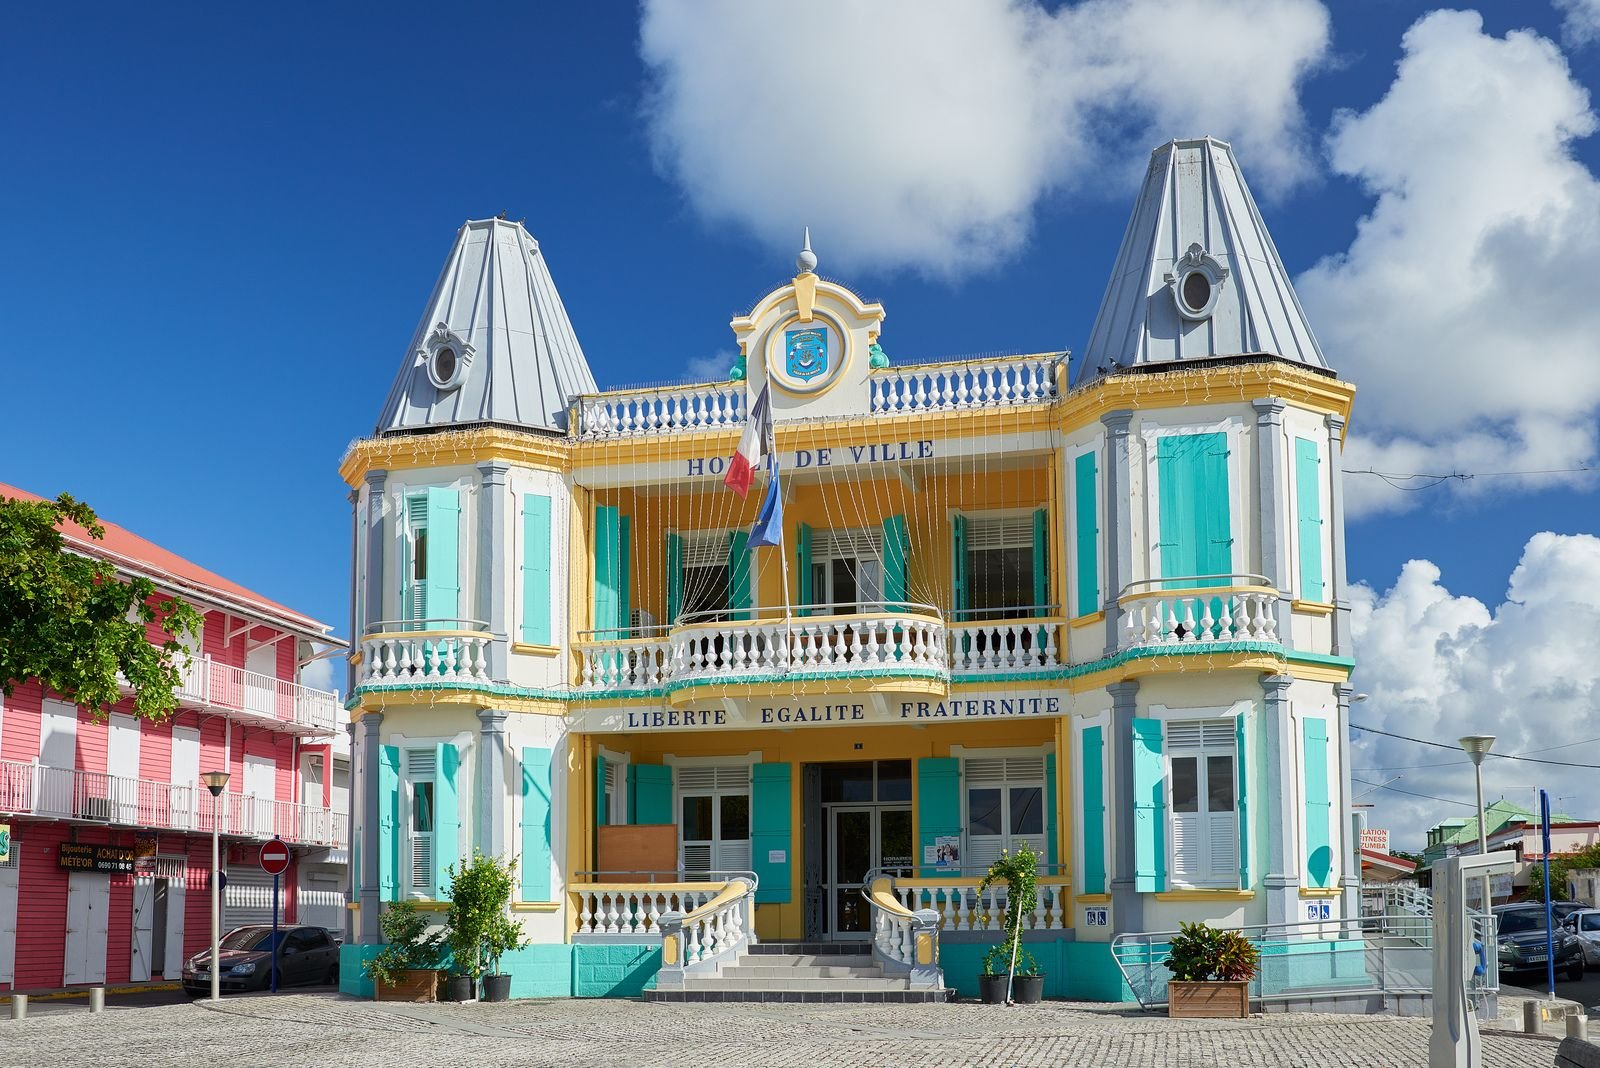 L'hôtel de ville coloré au Moule